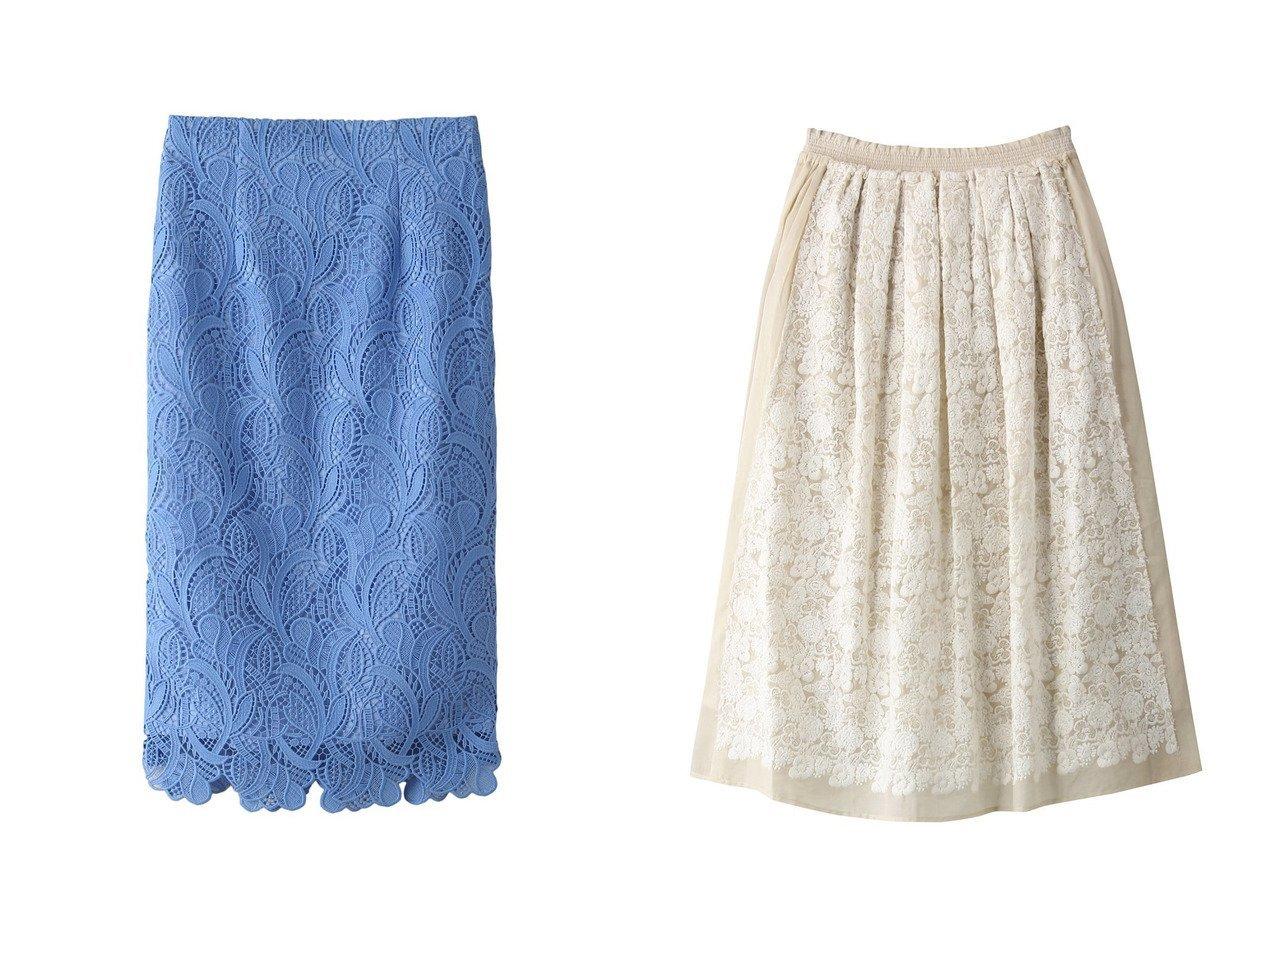 【ANAYI/アナイ】のボタニカルケミカルレースタイトスカート&【ANTIPAST/アンティパスト】のフラワーエンブロイダリーファブリックスカート 【スカート】おすすめ!人気、トレンド・レディースファッションの通販 おすすめで人気の流行・トレンド、ファッションの通販商品 メンズファッション・キッズファッション・インテリア・家具・レディースファッション・服の通販 founy(ファニー) https://founy.com/ ファッション Fashion レディースファッション WOMEN スカート Skirt ロングスカート Long Skirt 2021年 2021 2021春夏・S/S SS/Spring/Summer/2021 S/S・春夏 SS・Spring/Summer フェミニン レース 春 Spring |ID:crp329100000028442